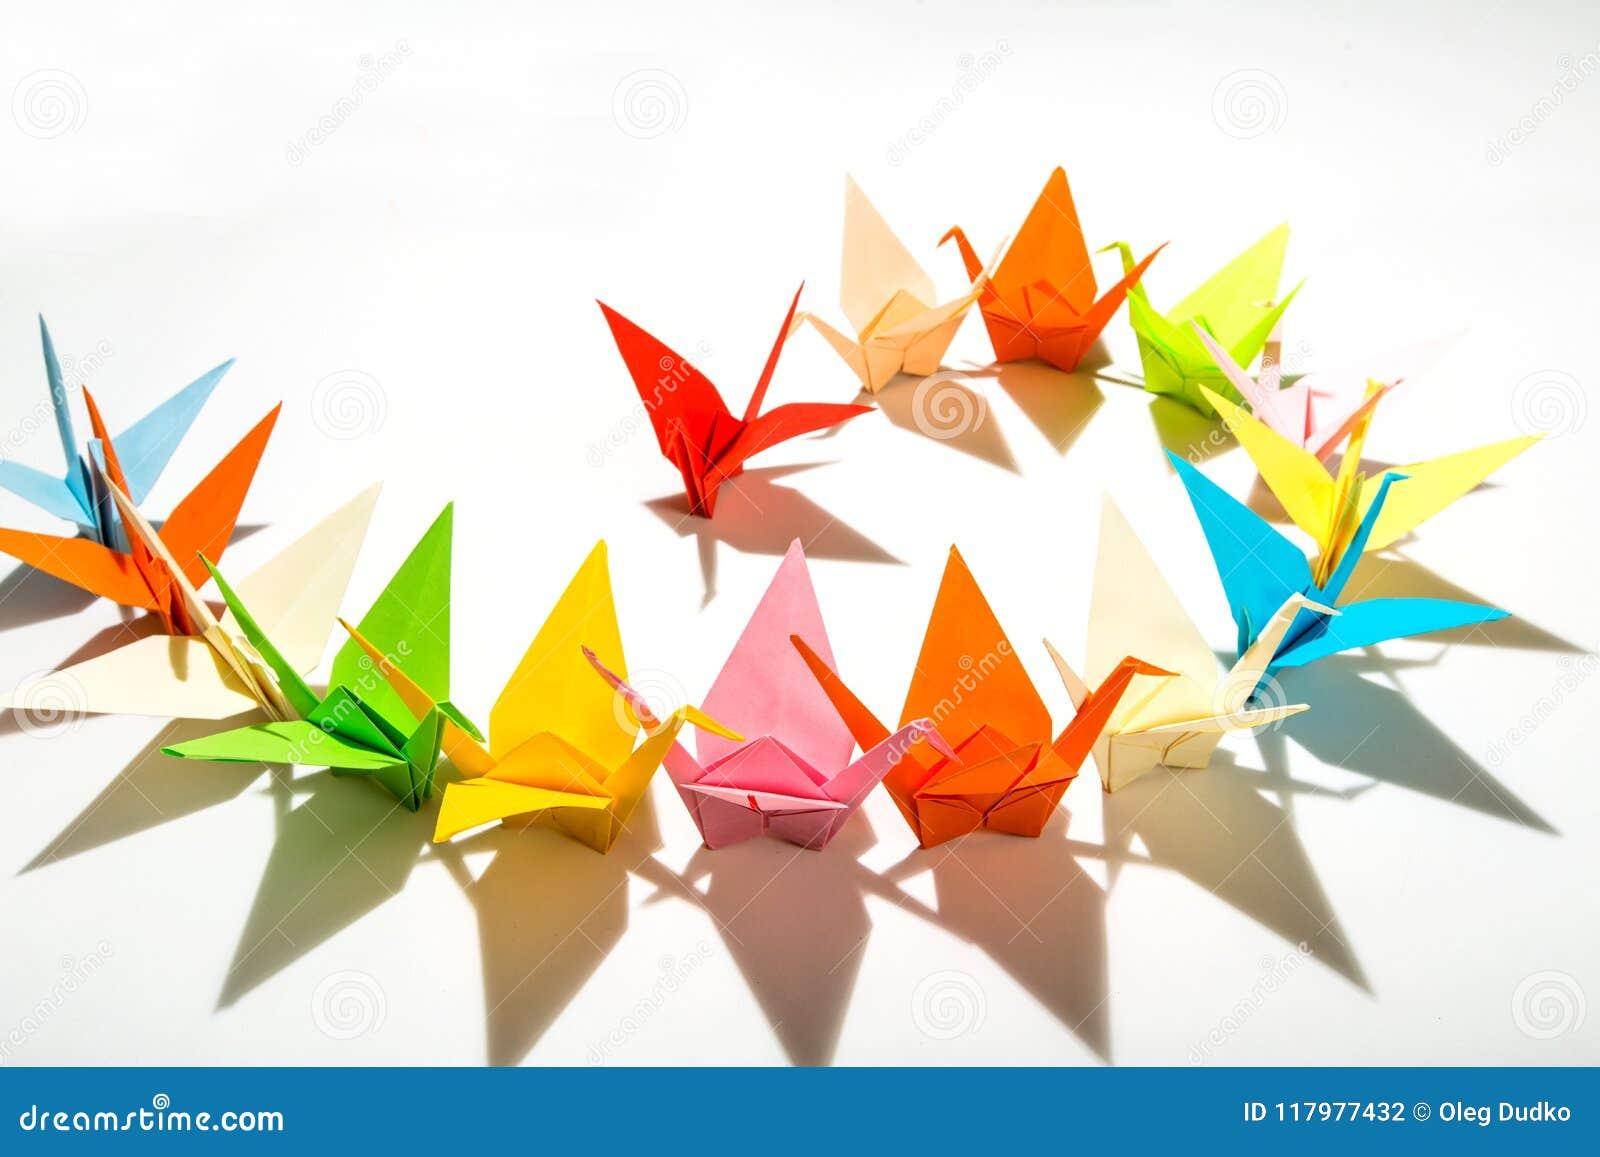 Origami Japanese Lantern - YouTube | 957x1300